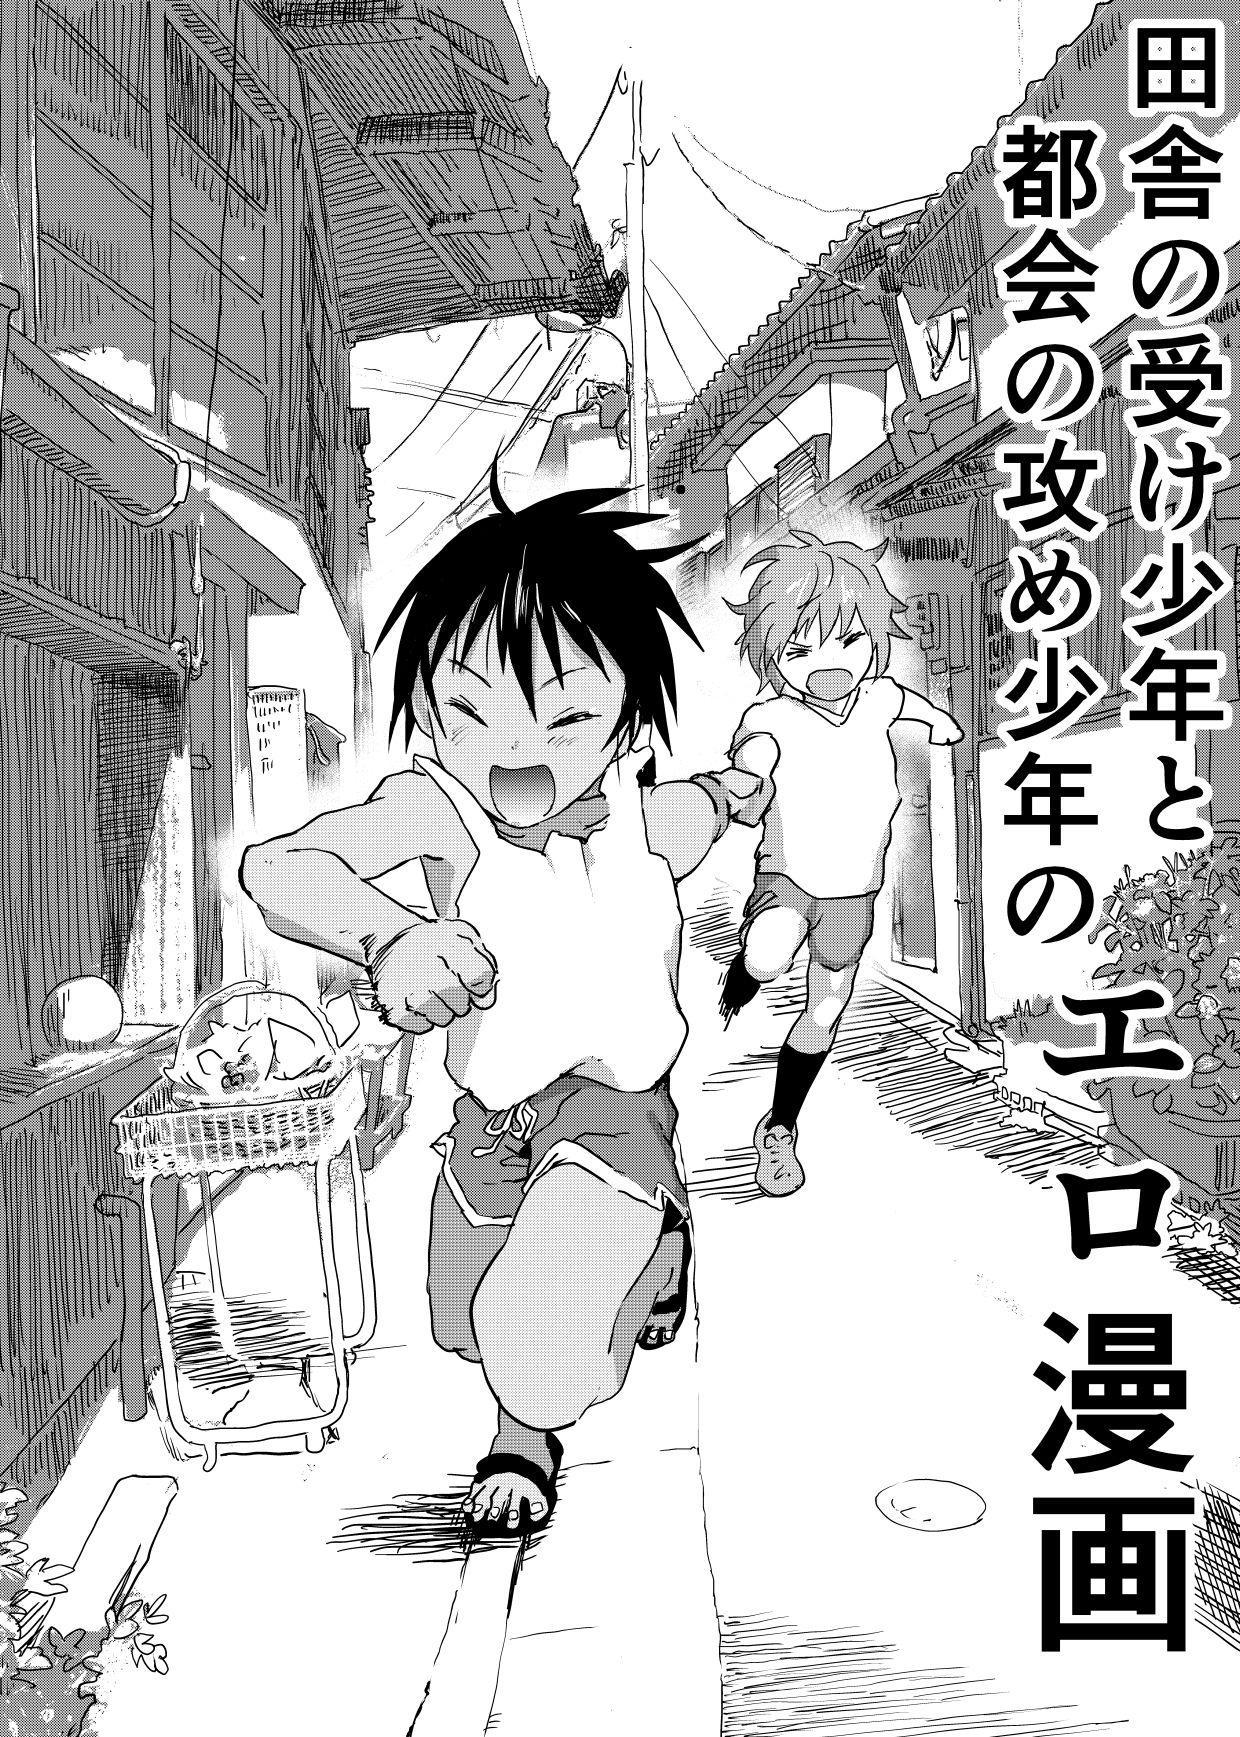 Inaka no Uke Shounen to Tokai no Seme Shounen no Ero Manga 1-6 25